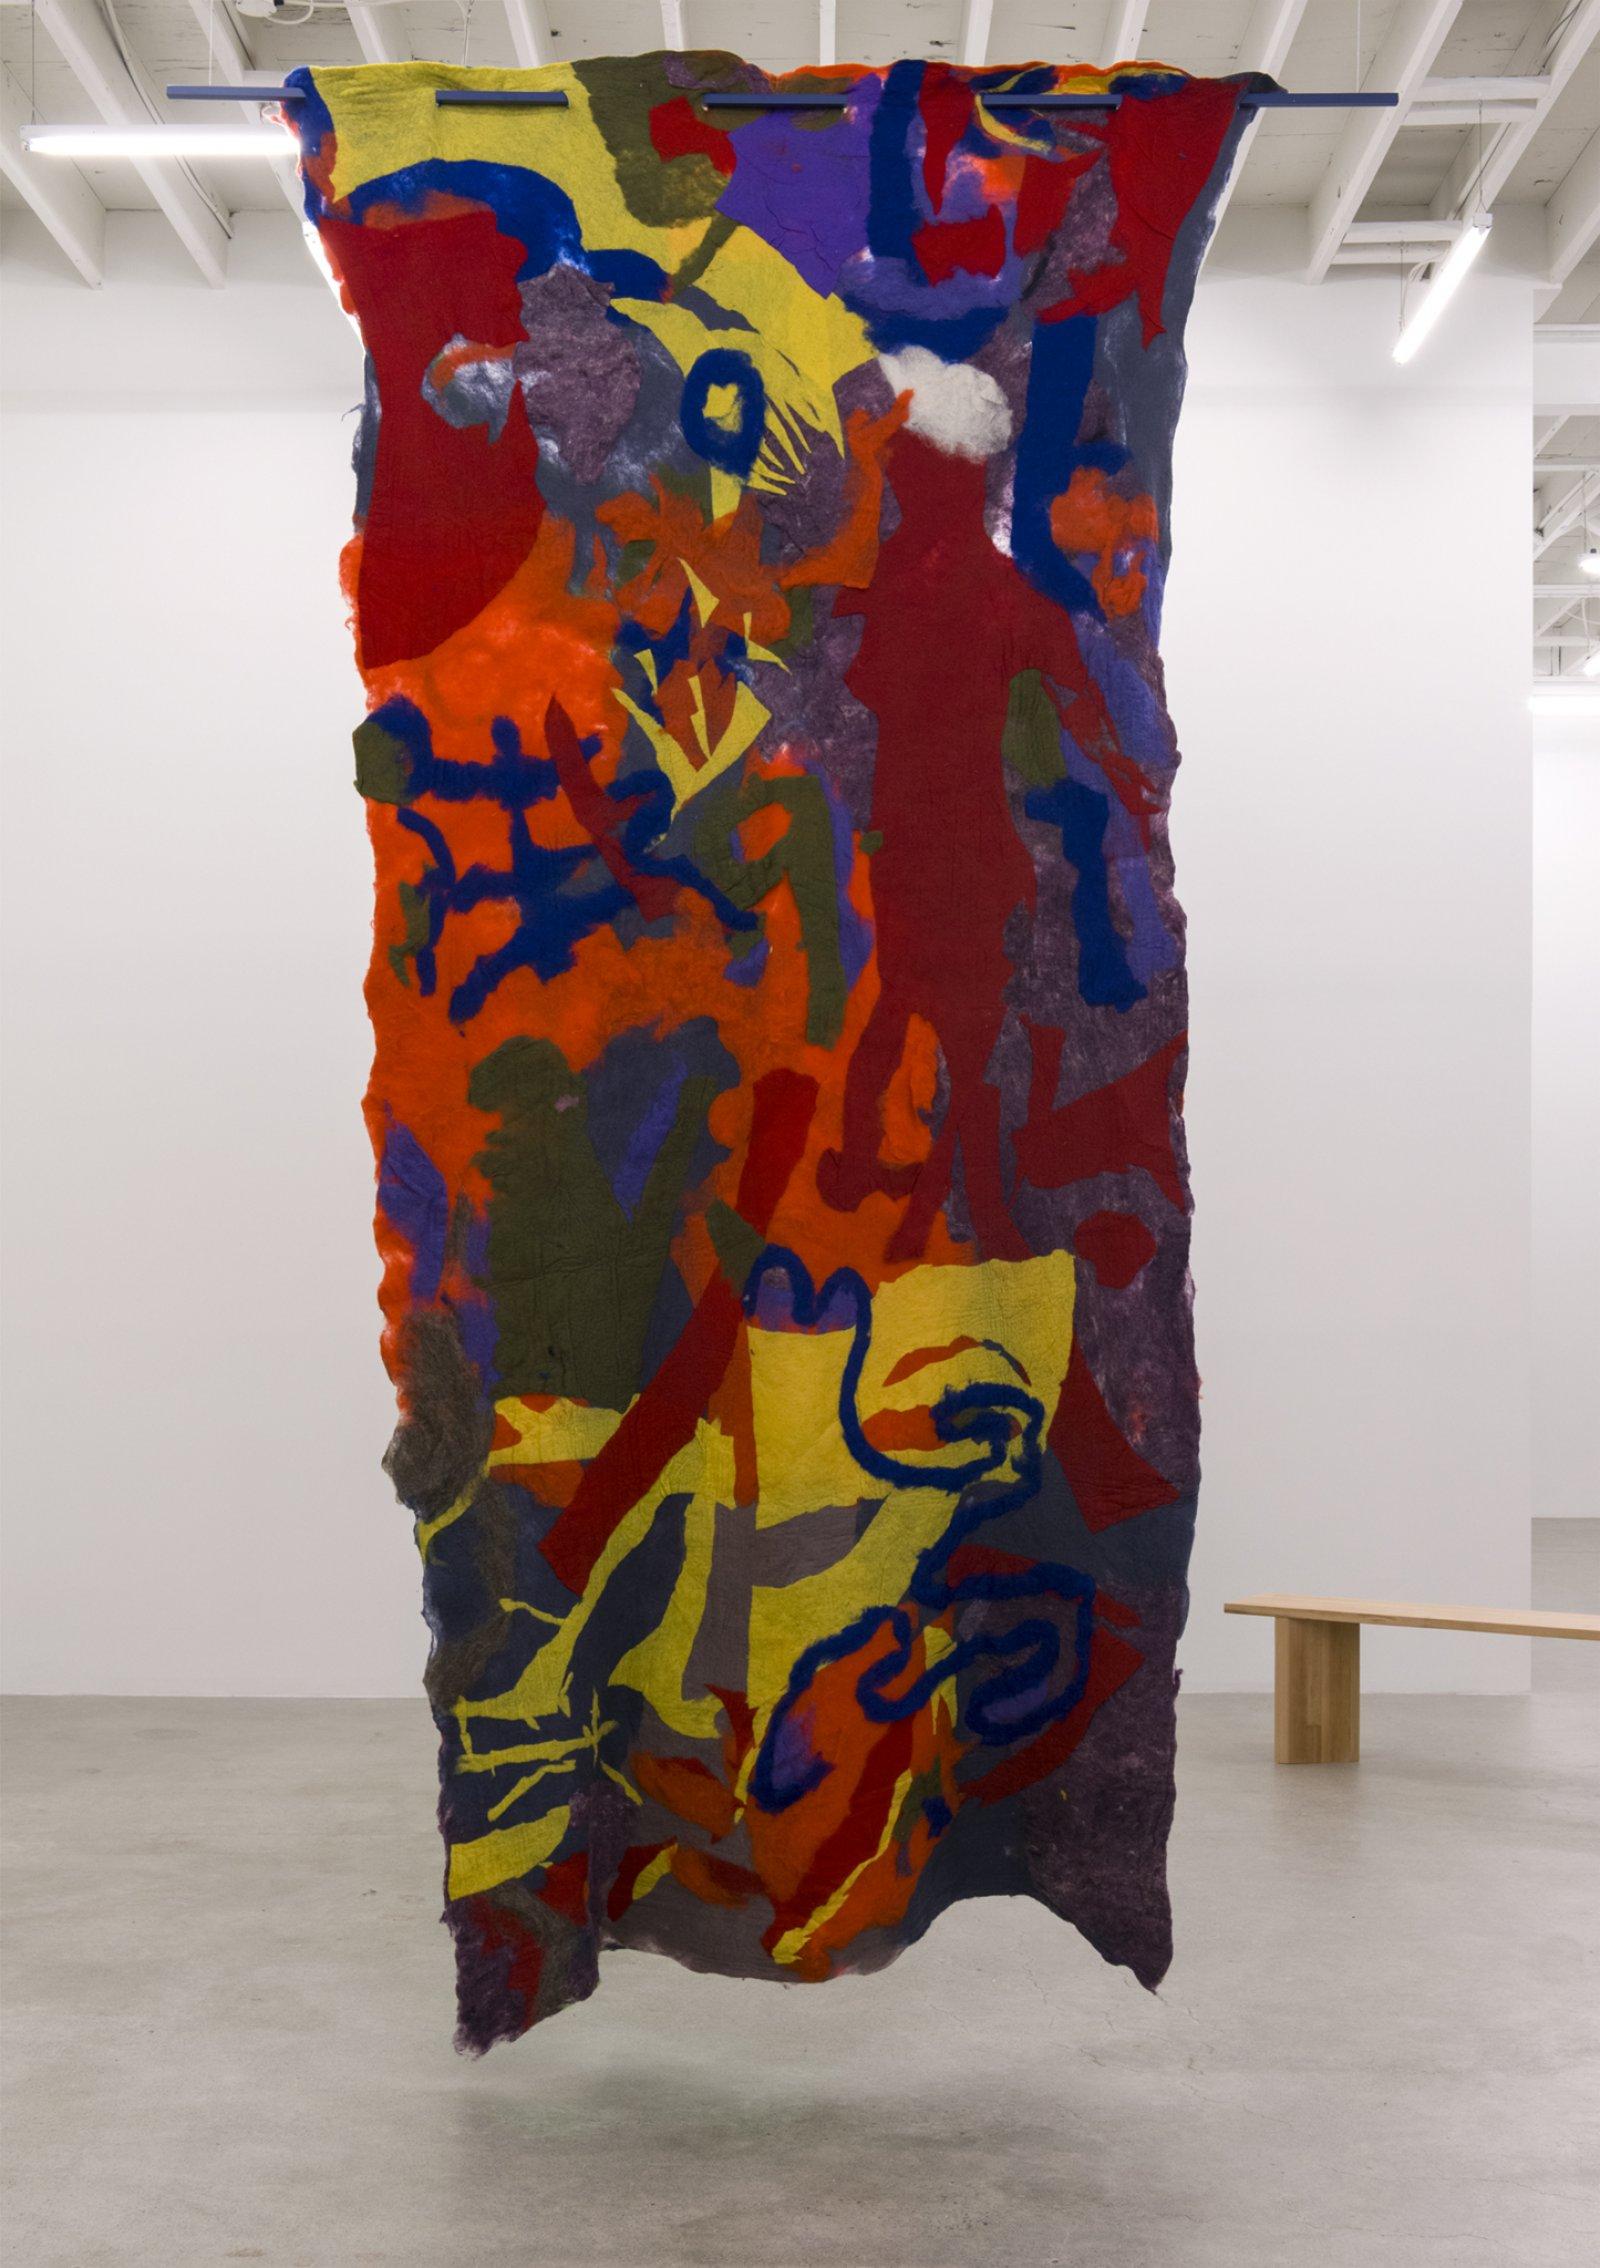 Rebecca Brewer, In V, 2016, felt, painted aluminum, 138 x 28 in. (350 x 70 cm) by Rebecca Brewer